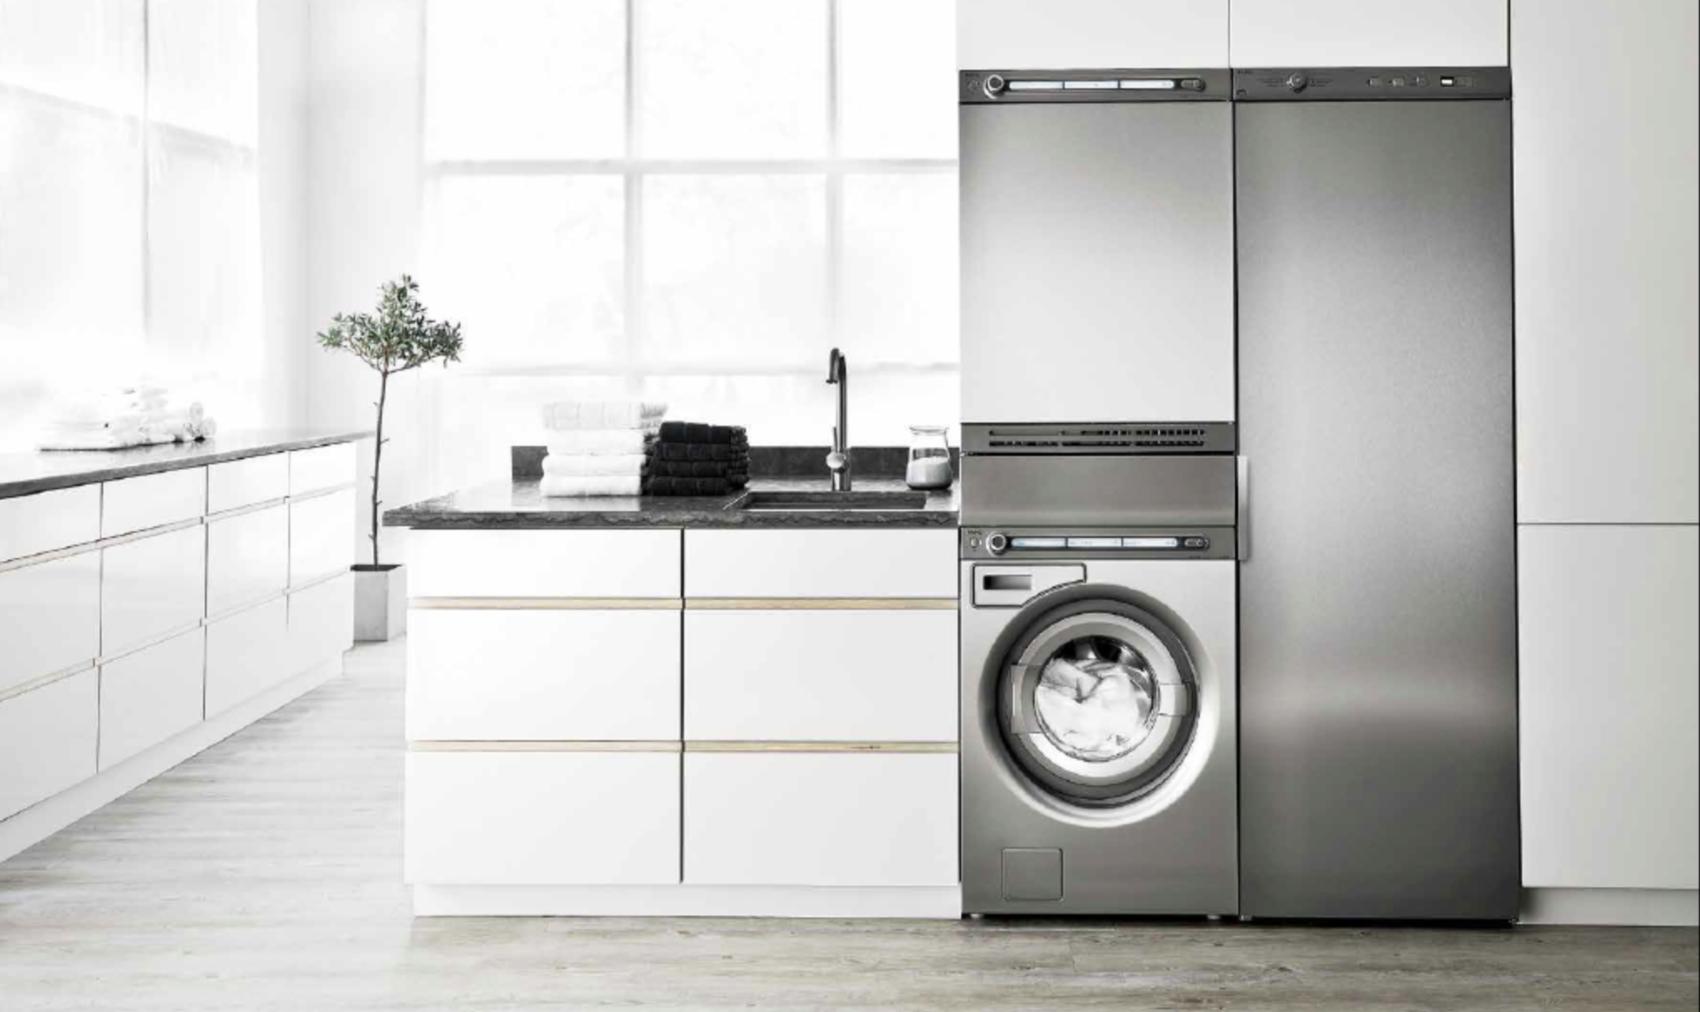 ASKO雅士高新款干衣机经久耐用免于维修的奥秘